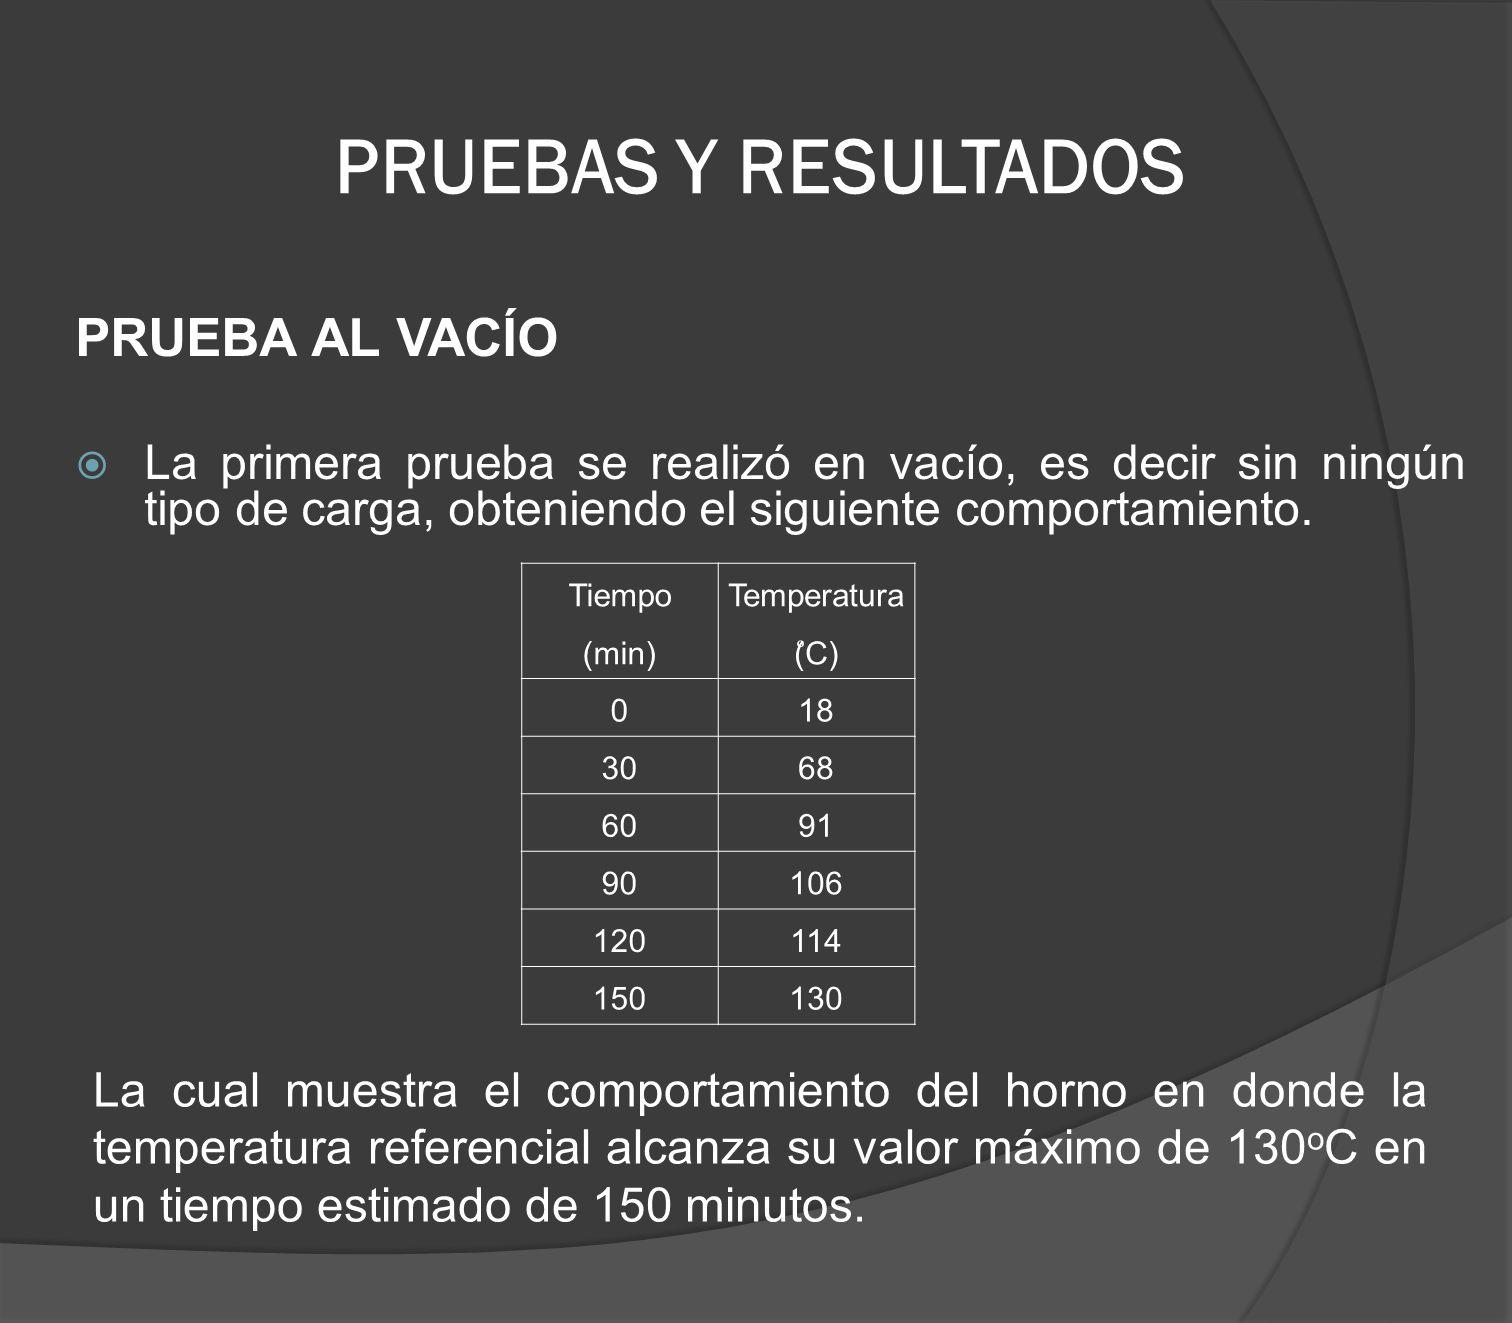 PRUEBAS Y RESULTADOS PRUEBA AL VACÍO La primera prueba se realizó en vacío, es decir sin ningún tipo de carga, obteniendo el siguiente comportamiento.